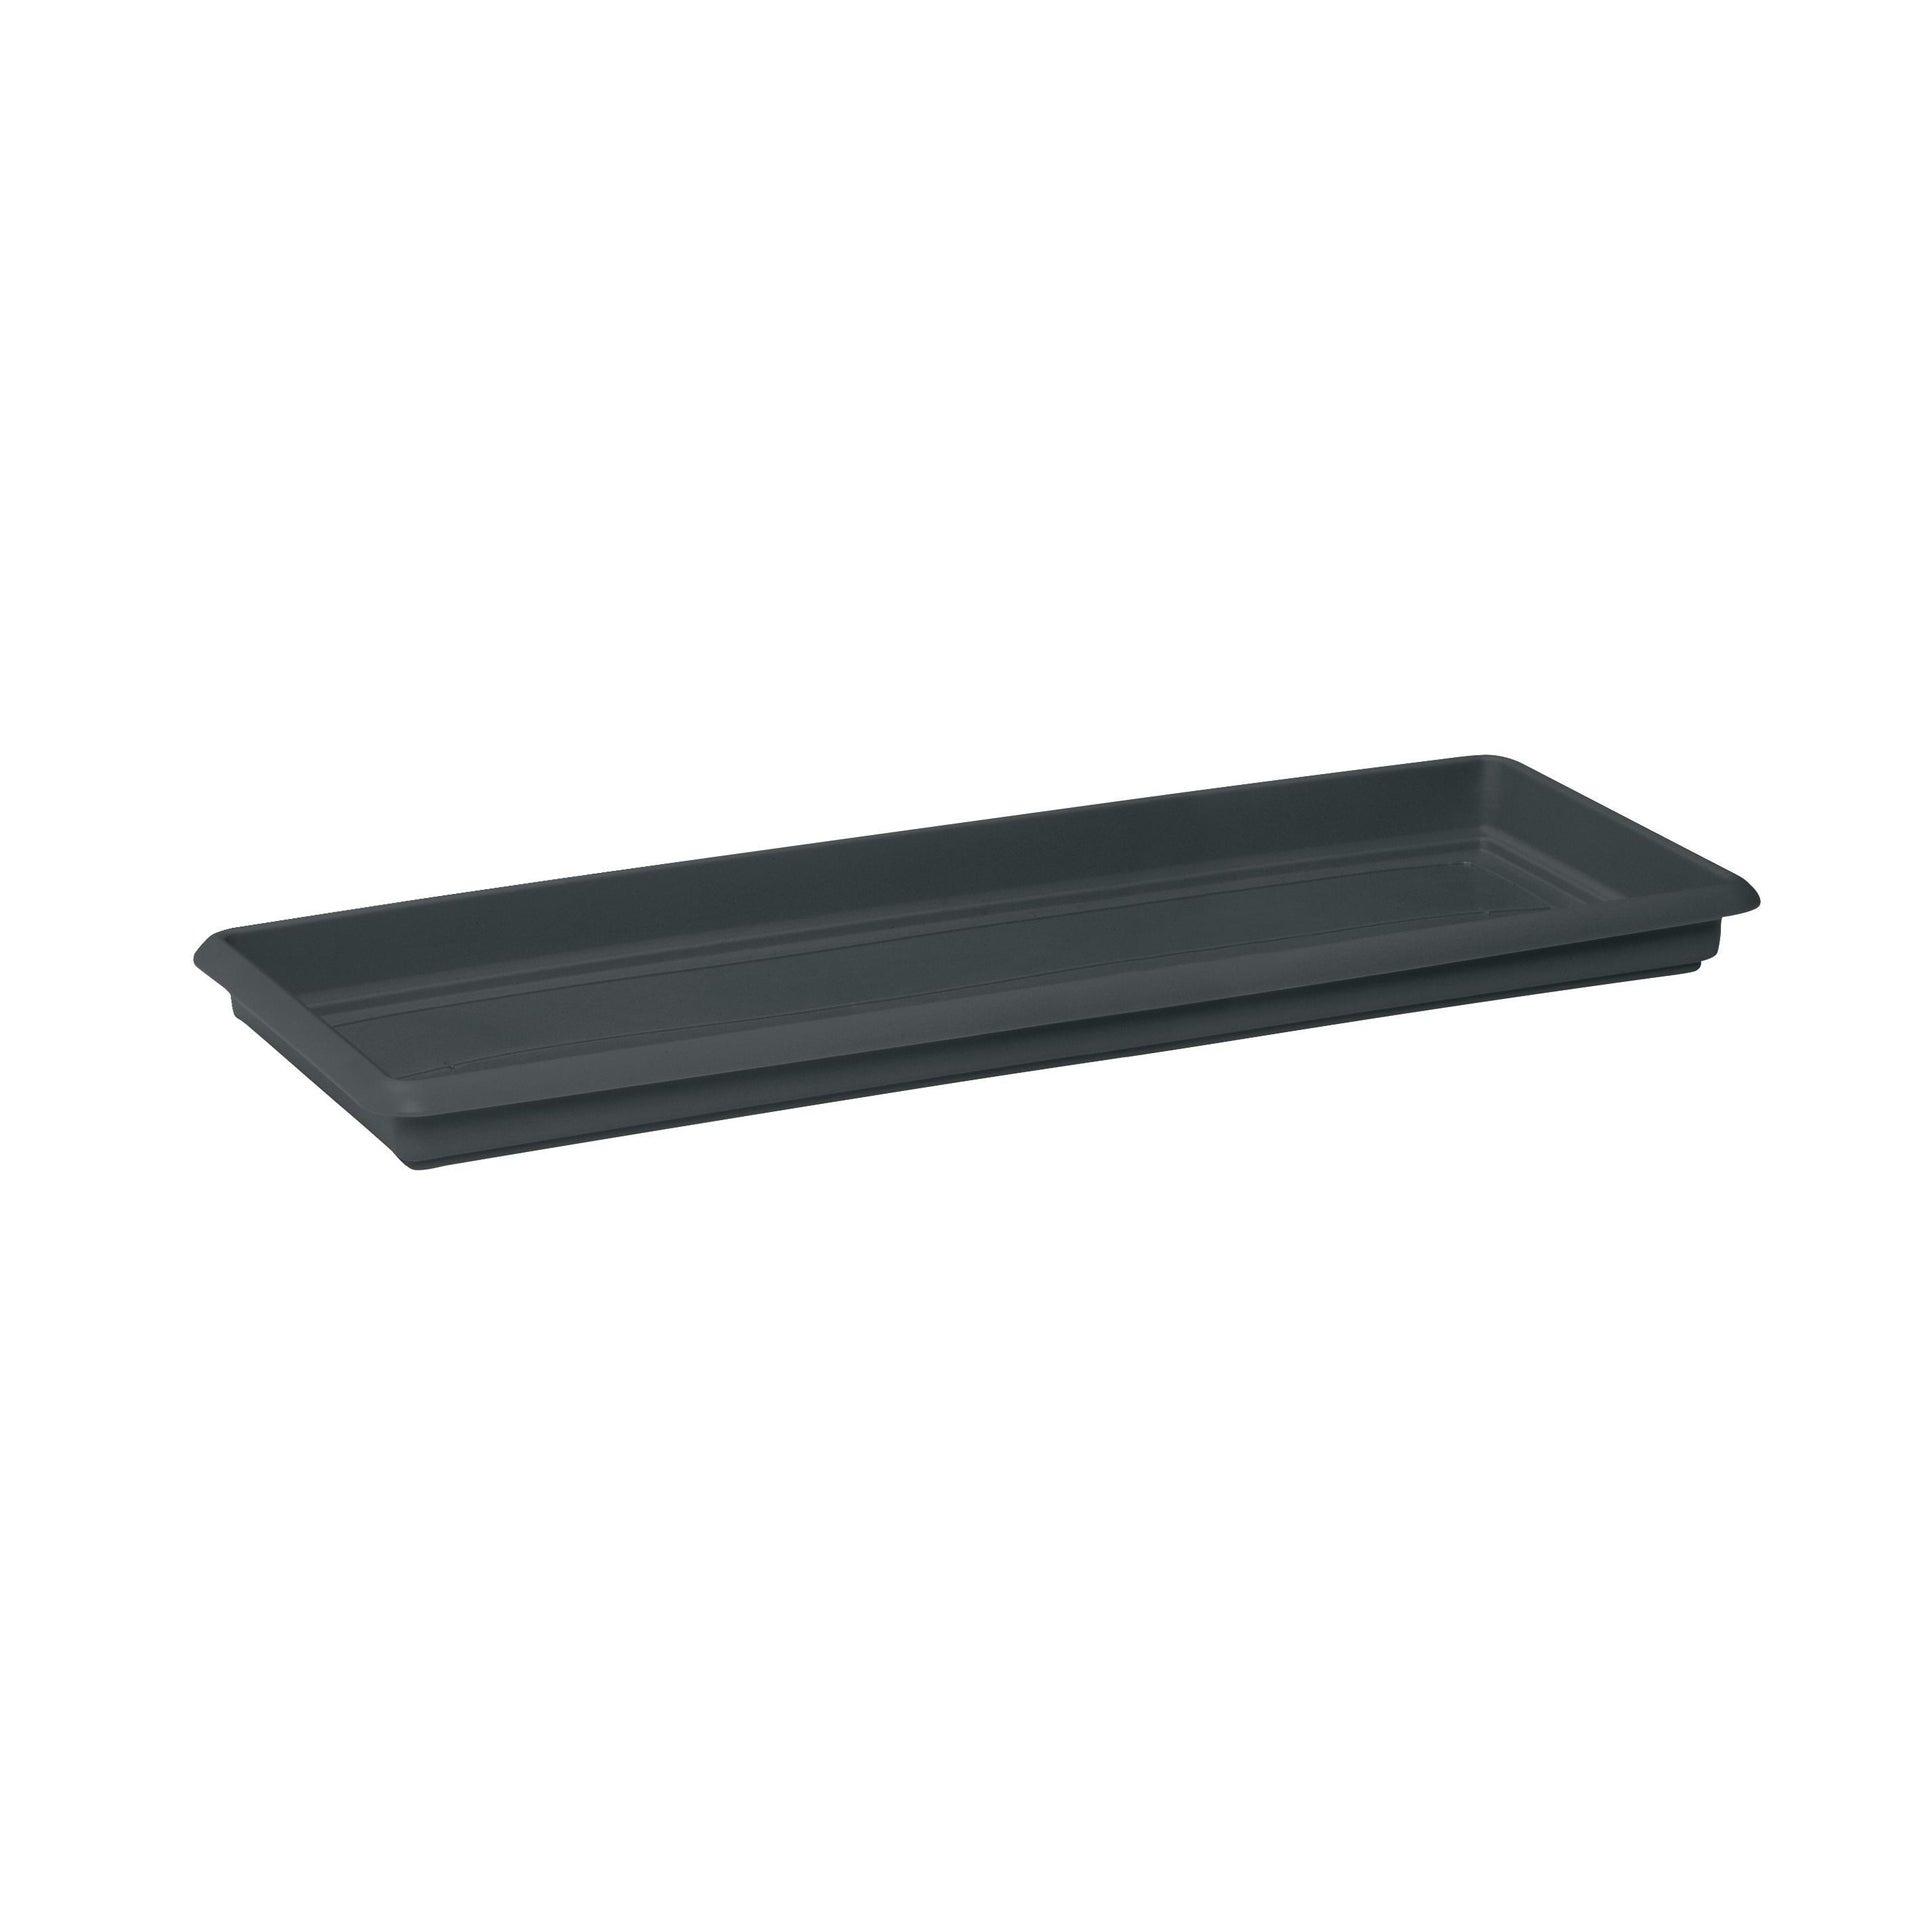 Sottovaso per fioriera in plastica colore grigio antracite P 38 x L 100 cm